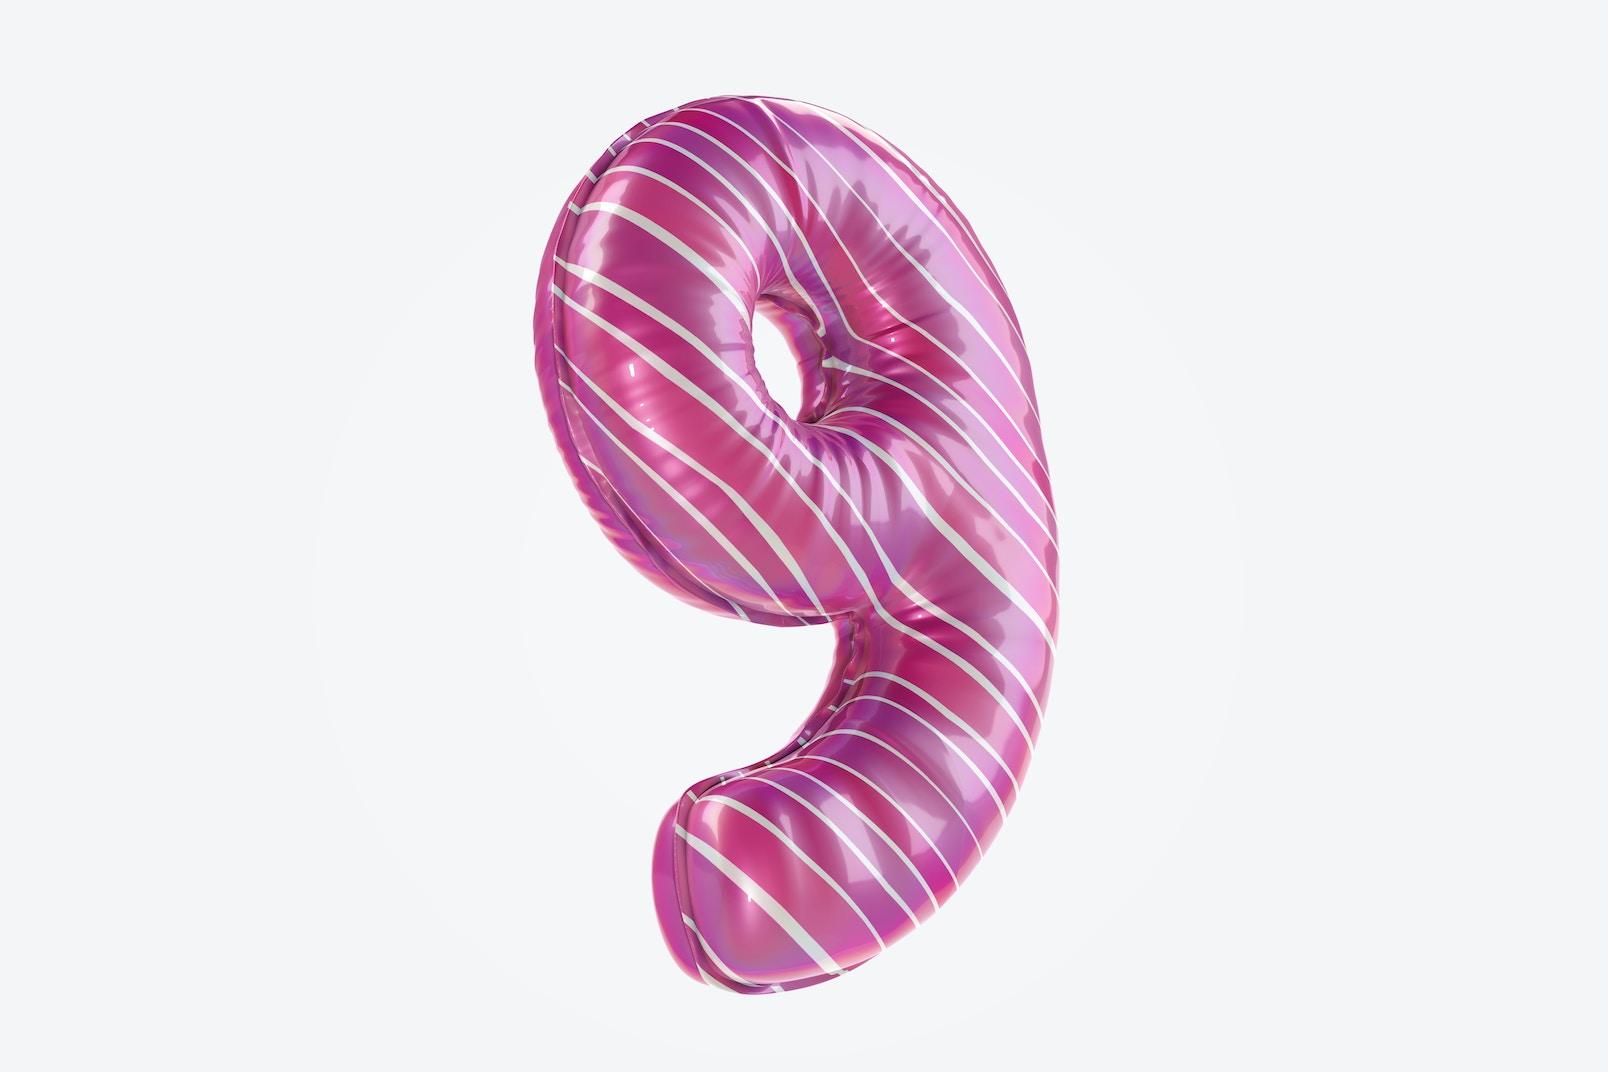 Number 9 Foil Balloon Mockup